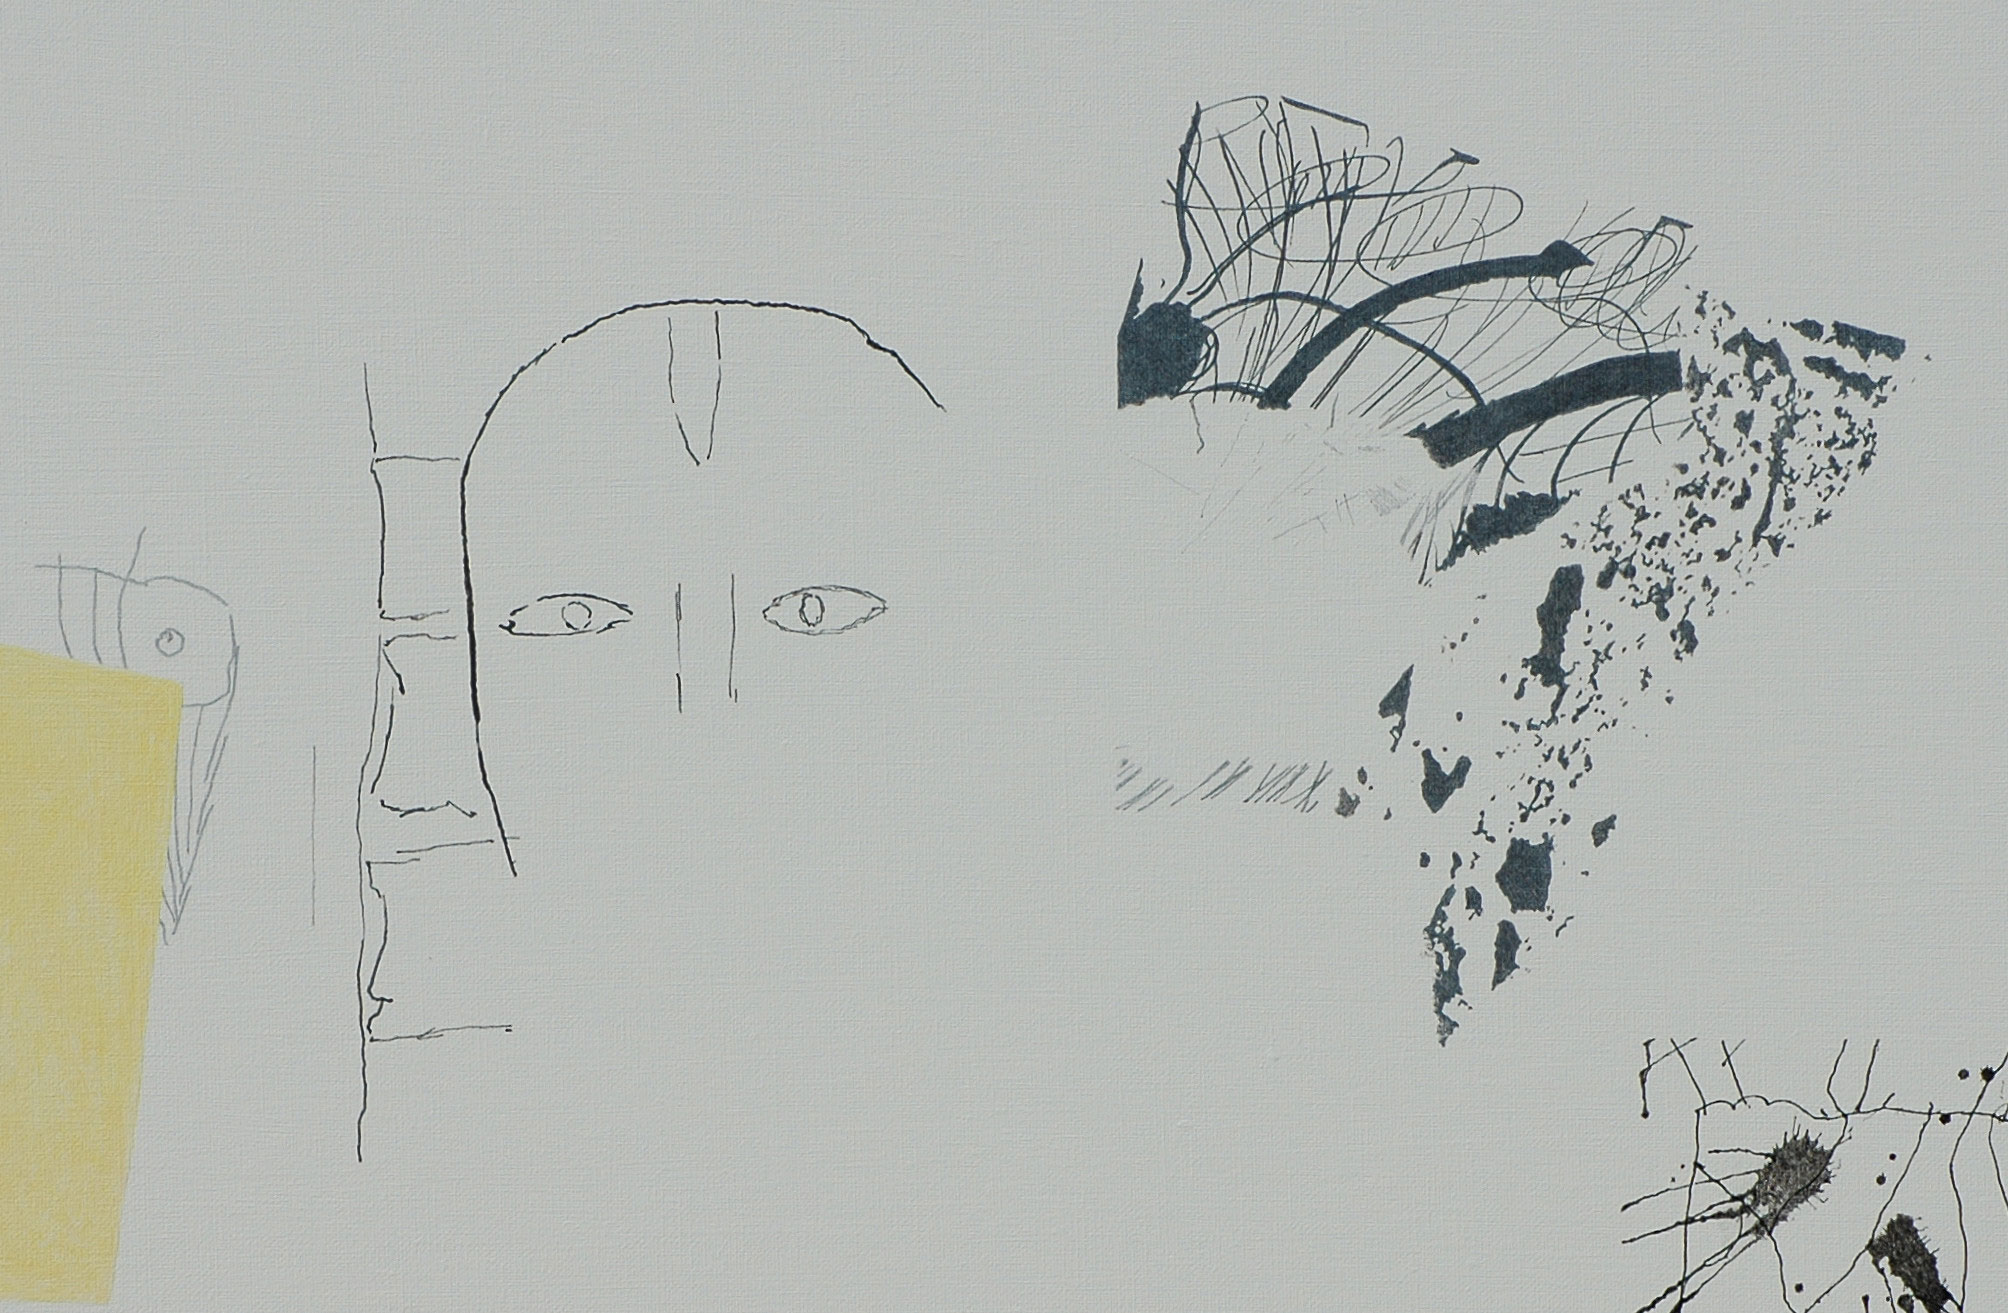 La-Bouteille-noire-2006-detail-1